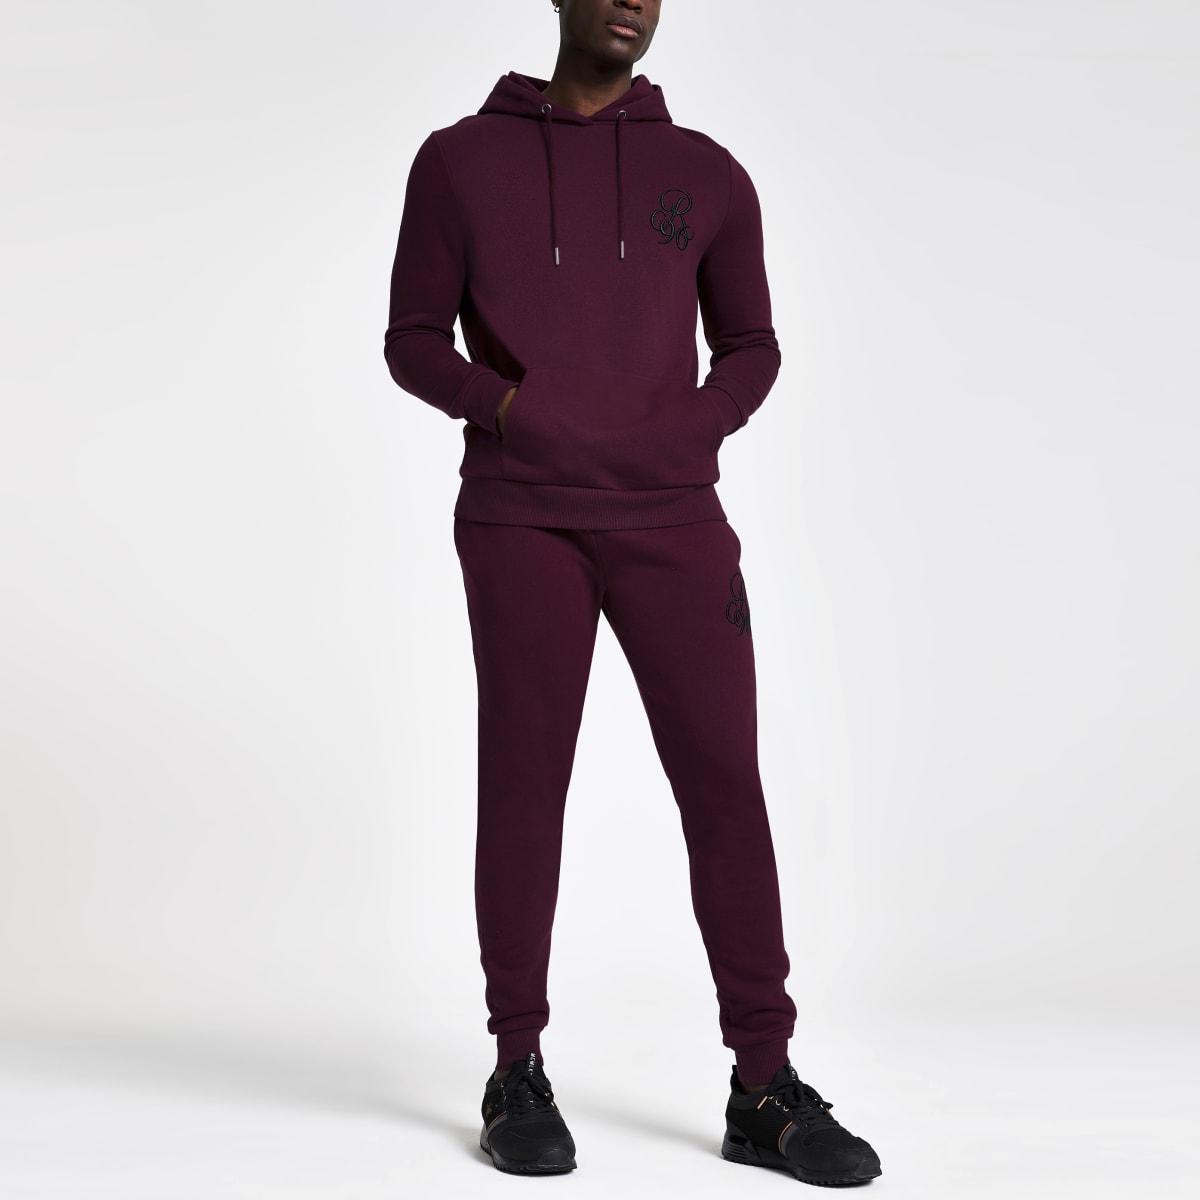 R96 burgundy muscle fit hoodie